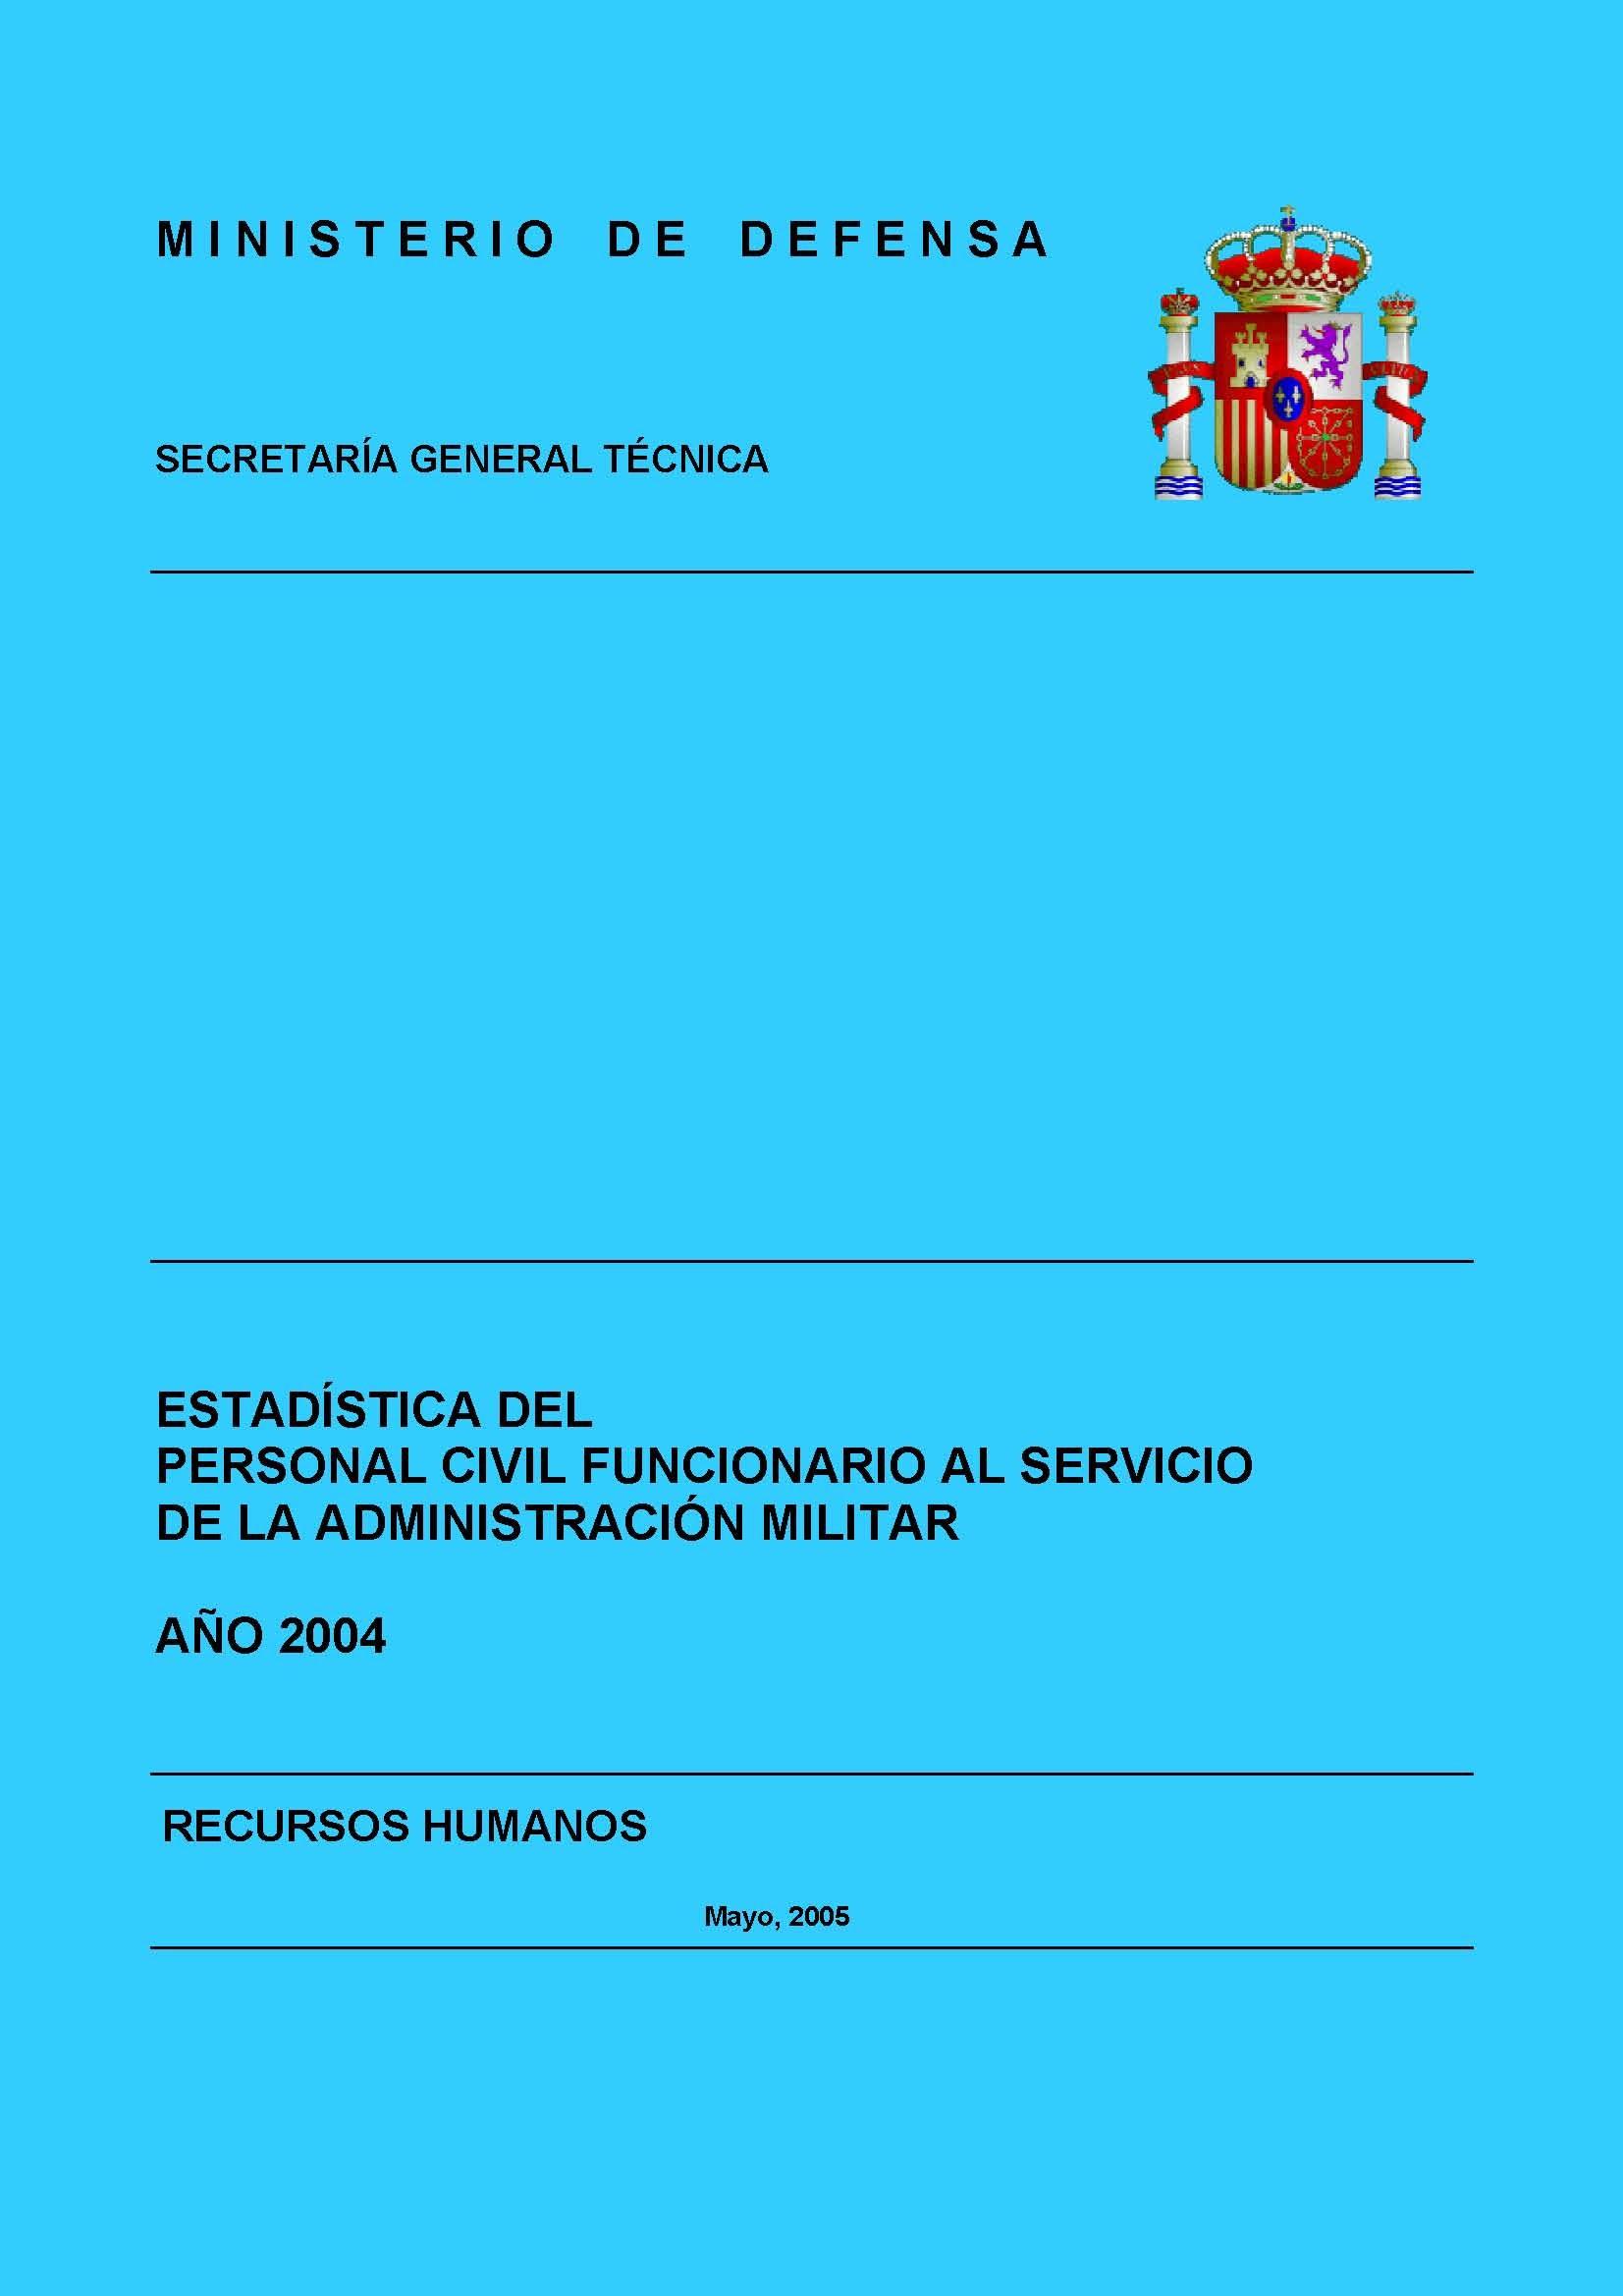 ESTADÍSTICA DEL PERSONAL CIVIL FUNCIONARIO AL SERVICIO DE LA ADMINISTRACIÓN MILITAR 2004